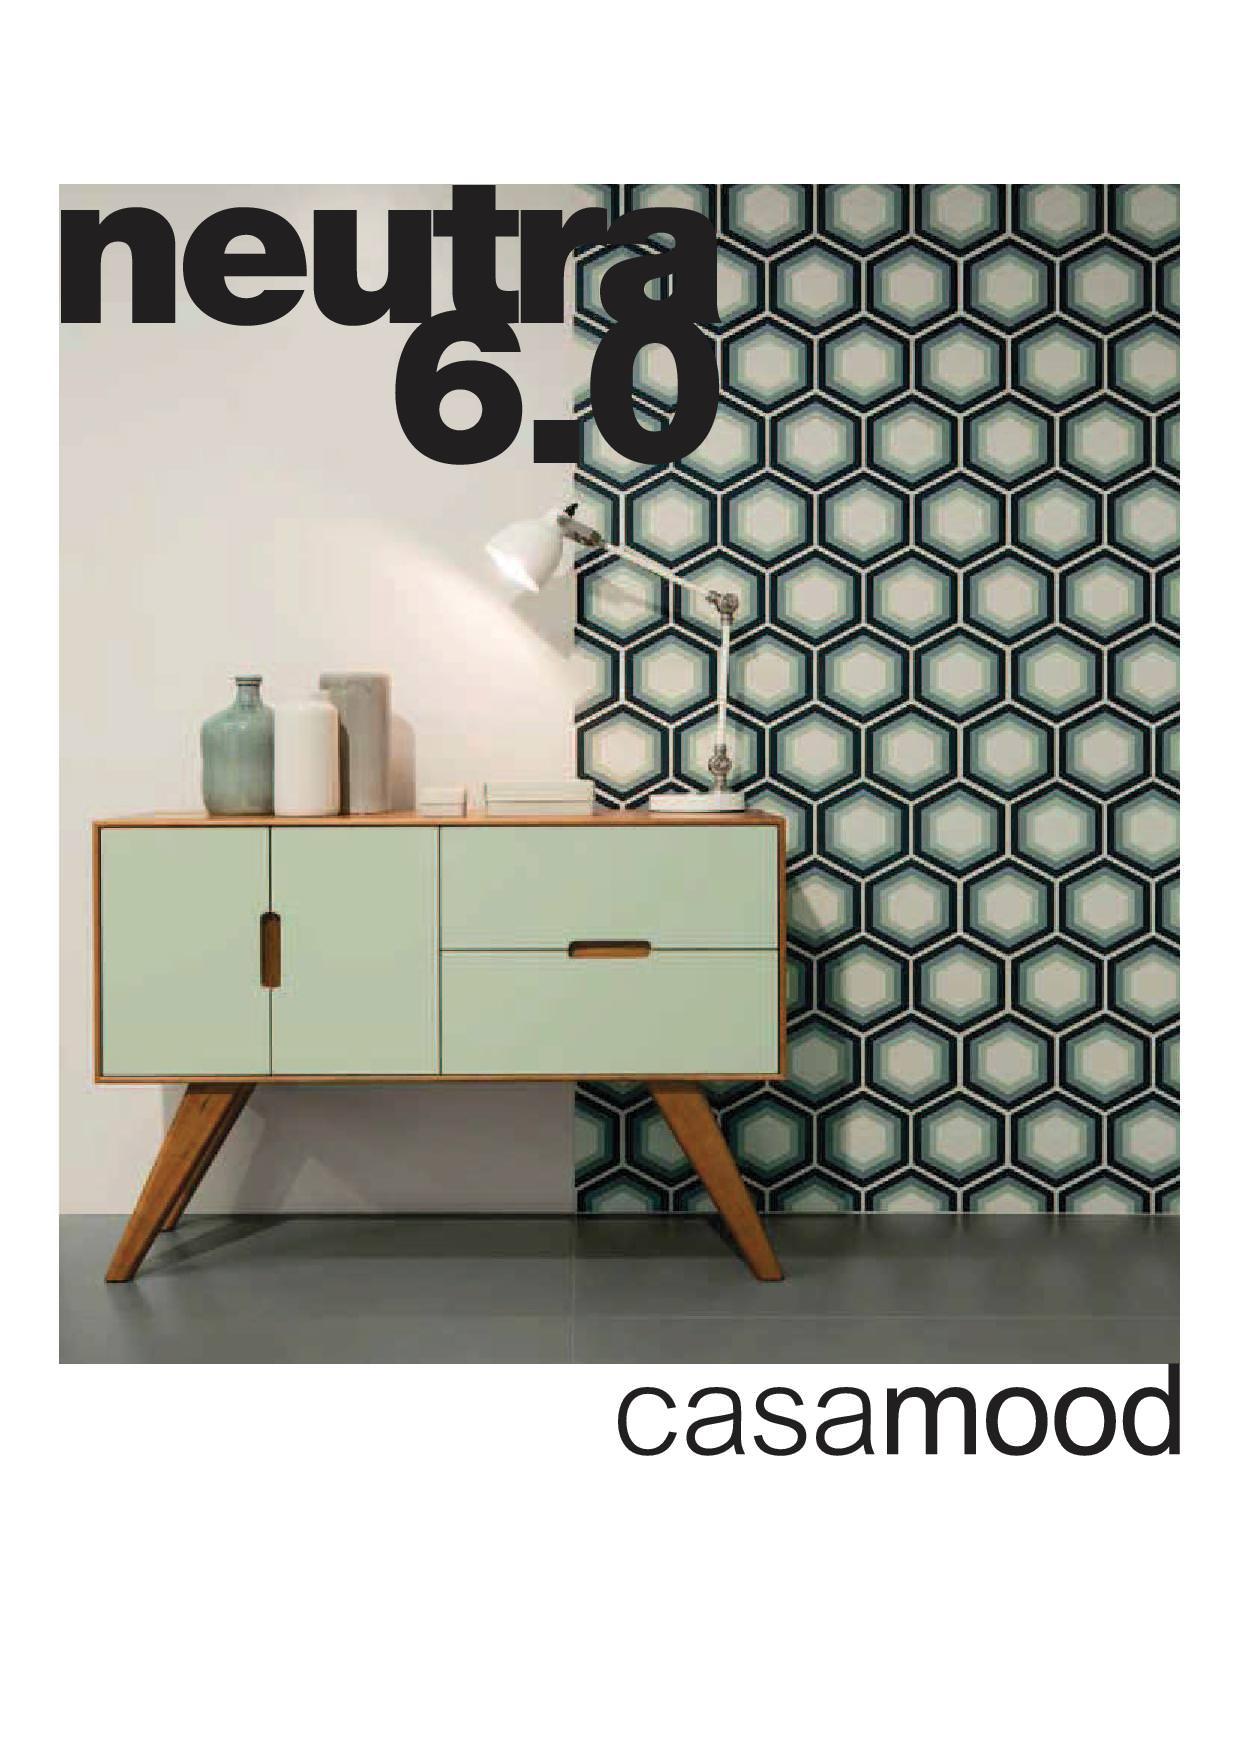 Casamood Neutra 6.0